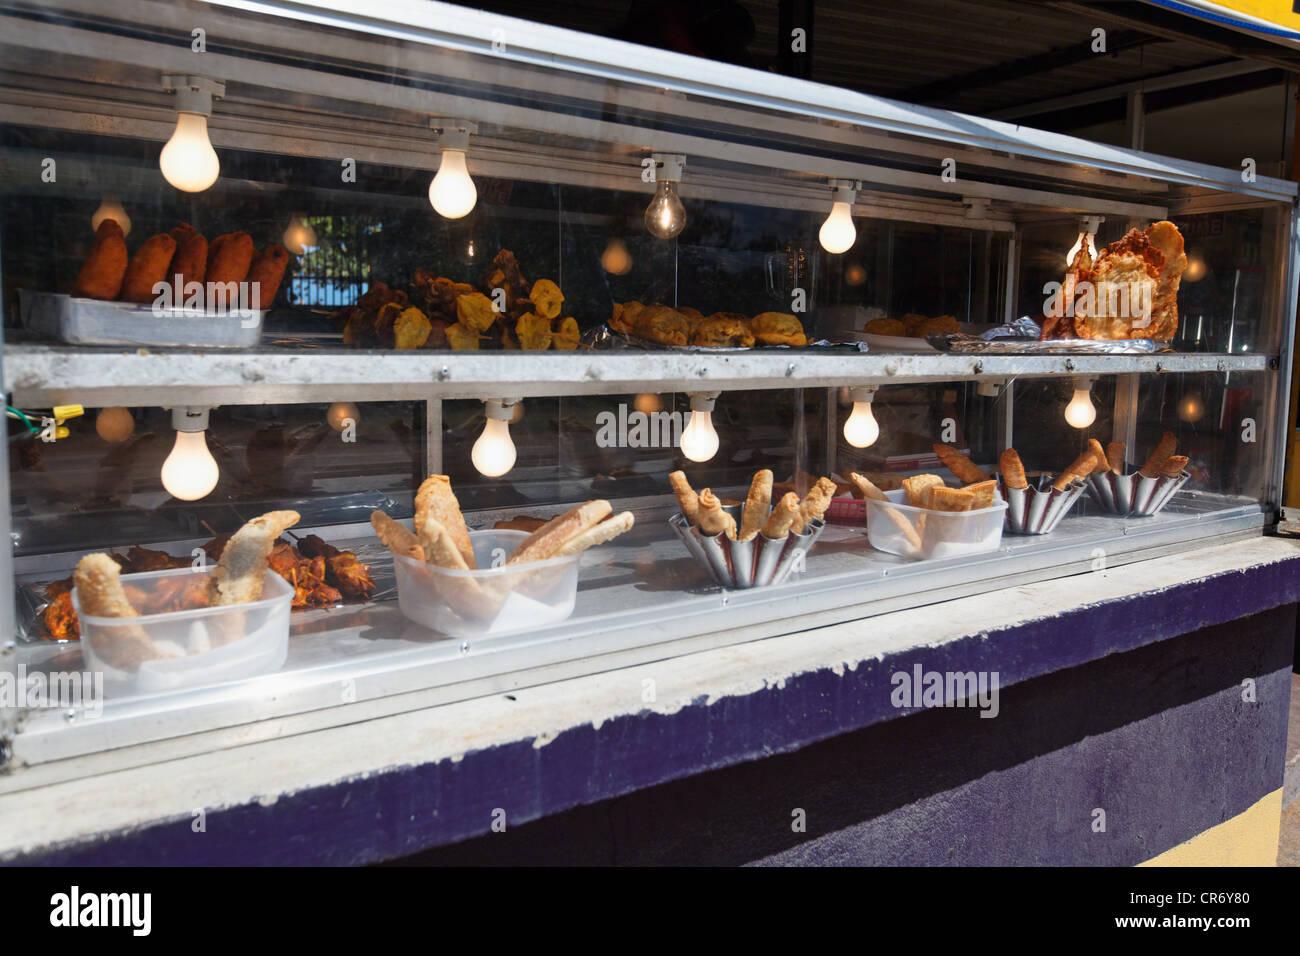 Alcapurria Gerichte Angezeigt In Einem Lebensmittel Kiosk Pinones